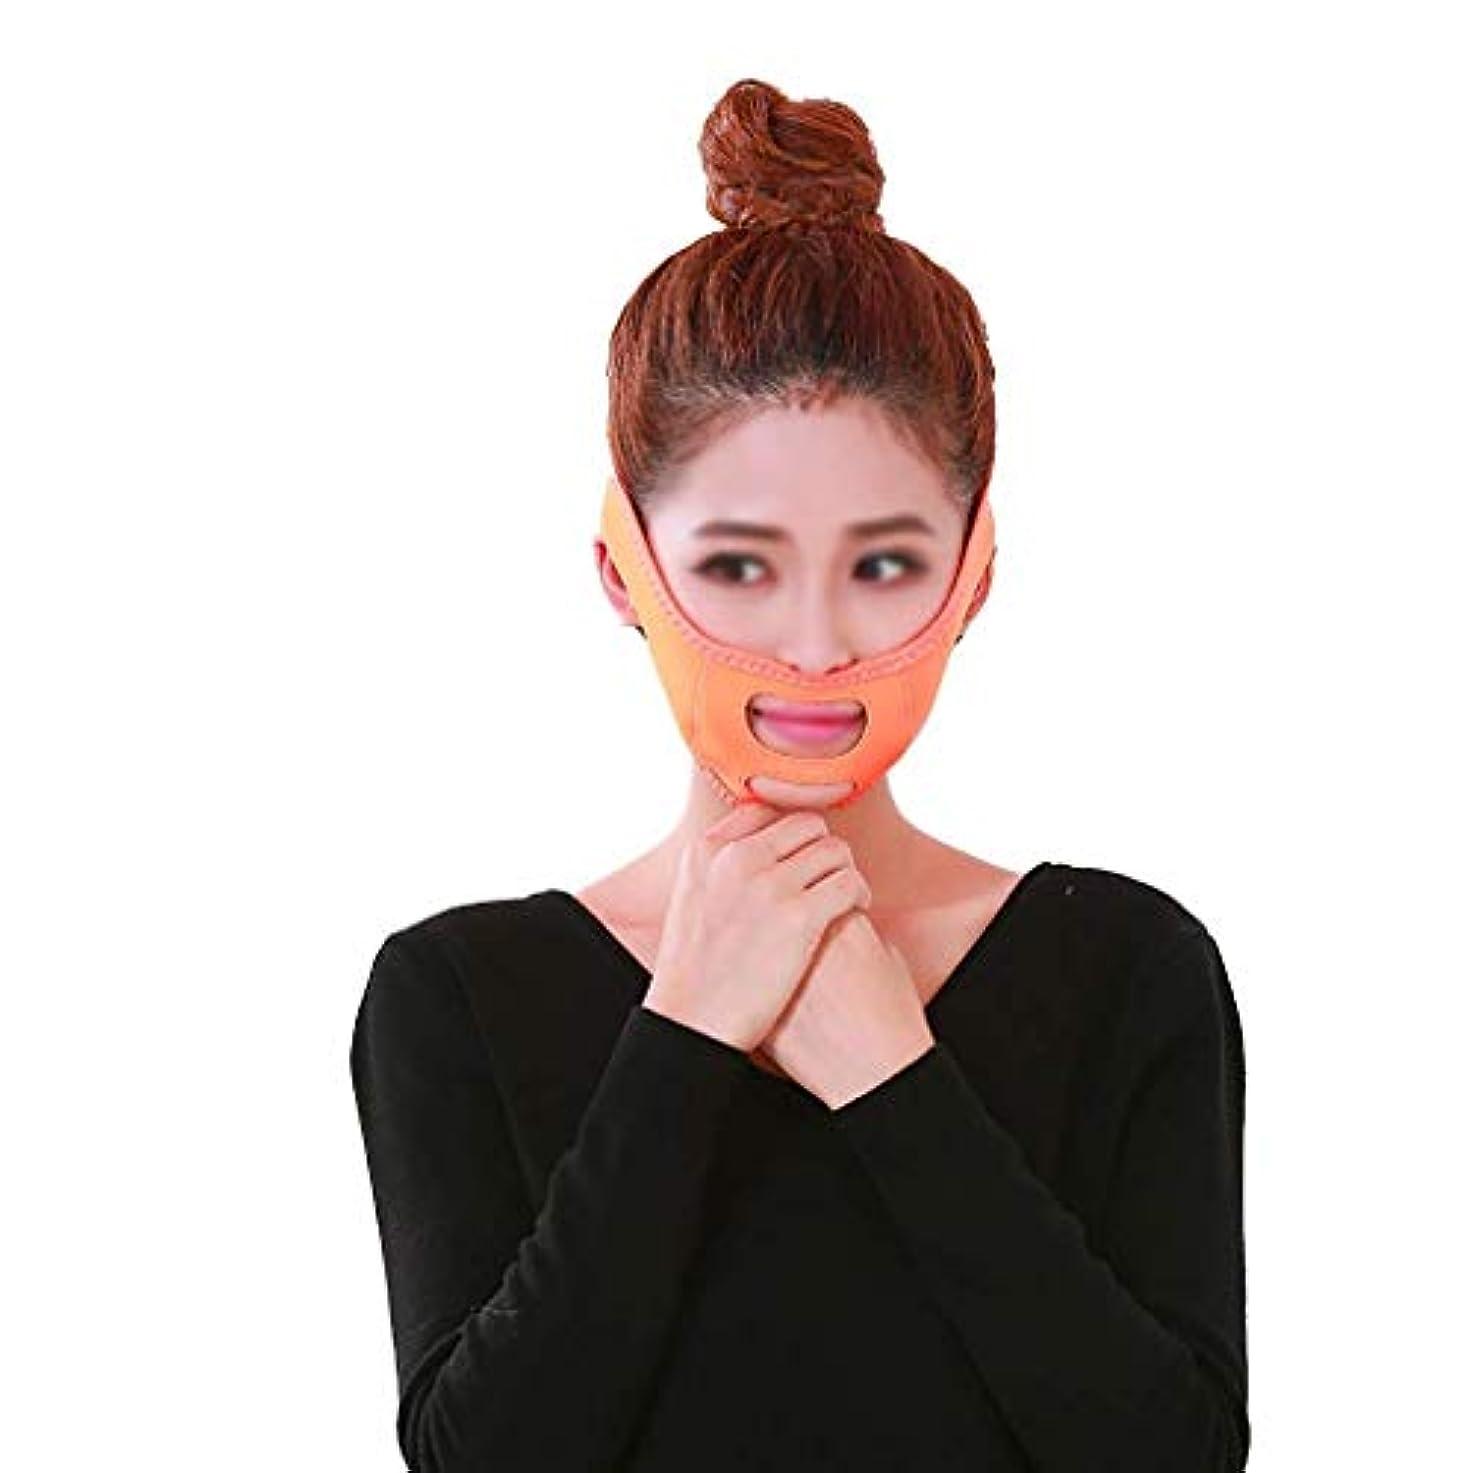 キャンパス失会計フェイスリフトフェイシャル、肌のリラクゼーションを防ぐタイトなVフェイスマスクVフェイスアーティファクトフェイスリフトバンデージフェイスケア(色:オレンジ)